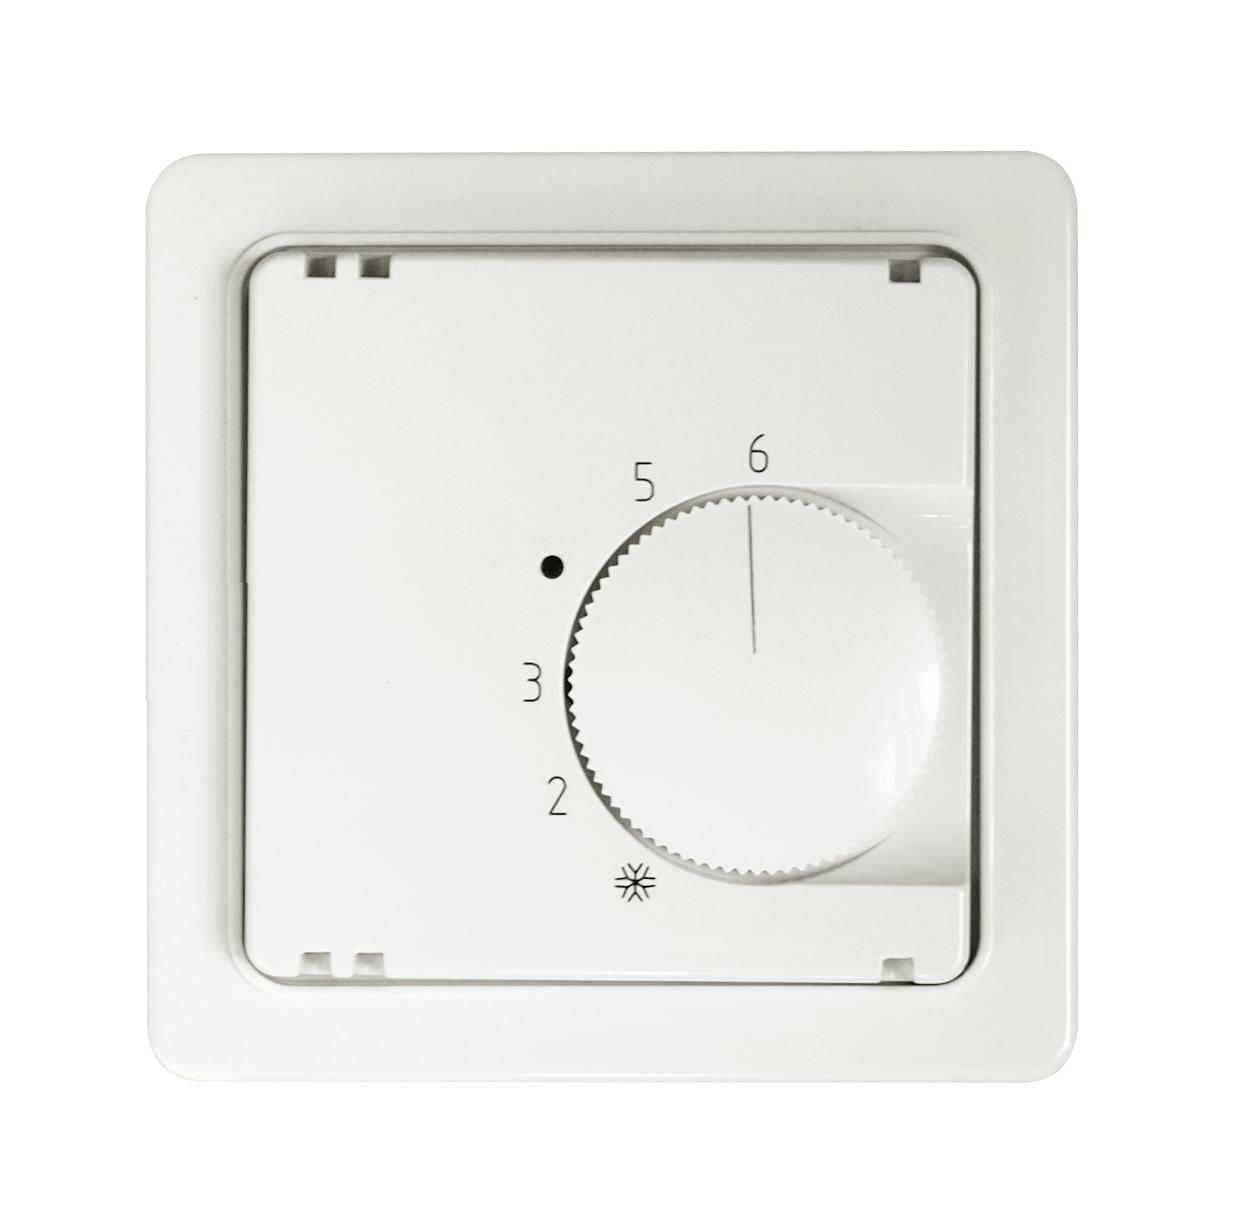 1 Stk Zentralplatte für Temperaturregler perlweiss F/S/R EL227100--